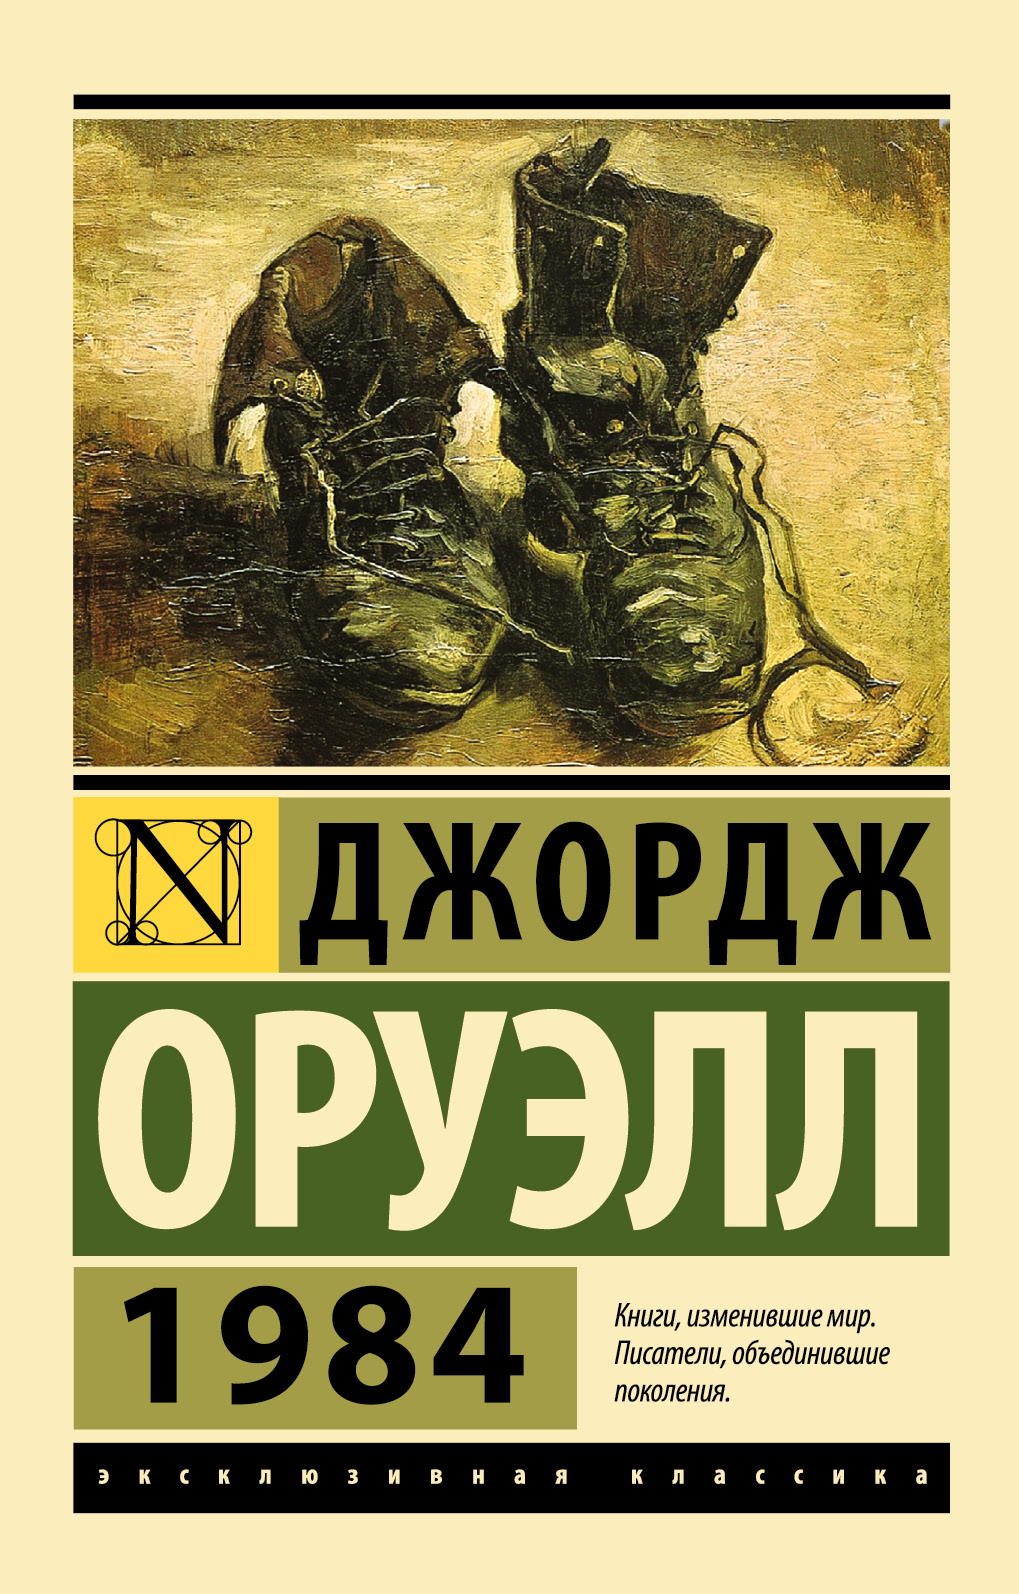 Роман Джорджа Оруэлла о жутком будущем, впервые опубликованный в 1949 году, превратился в неподвласт